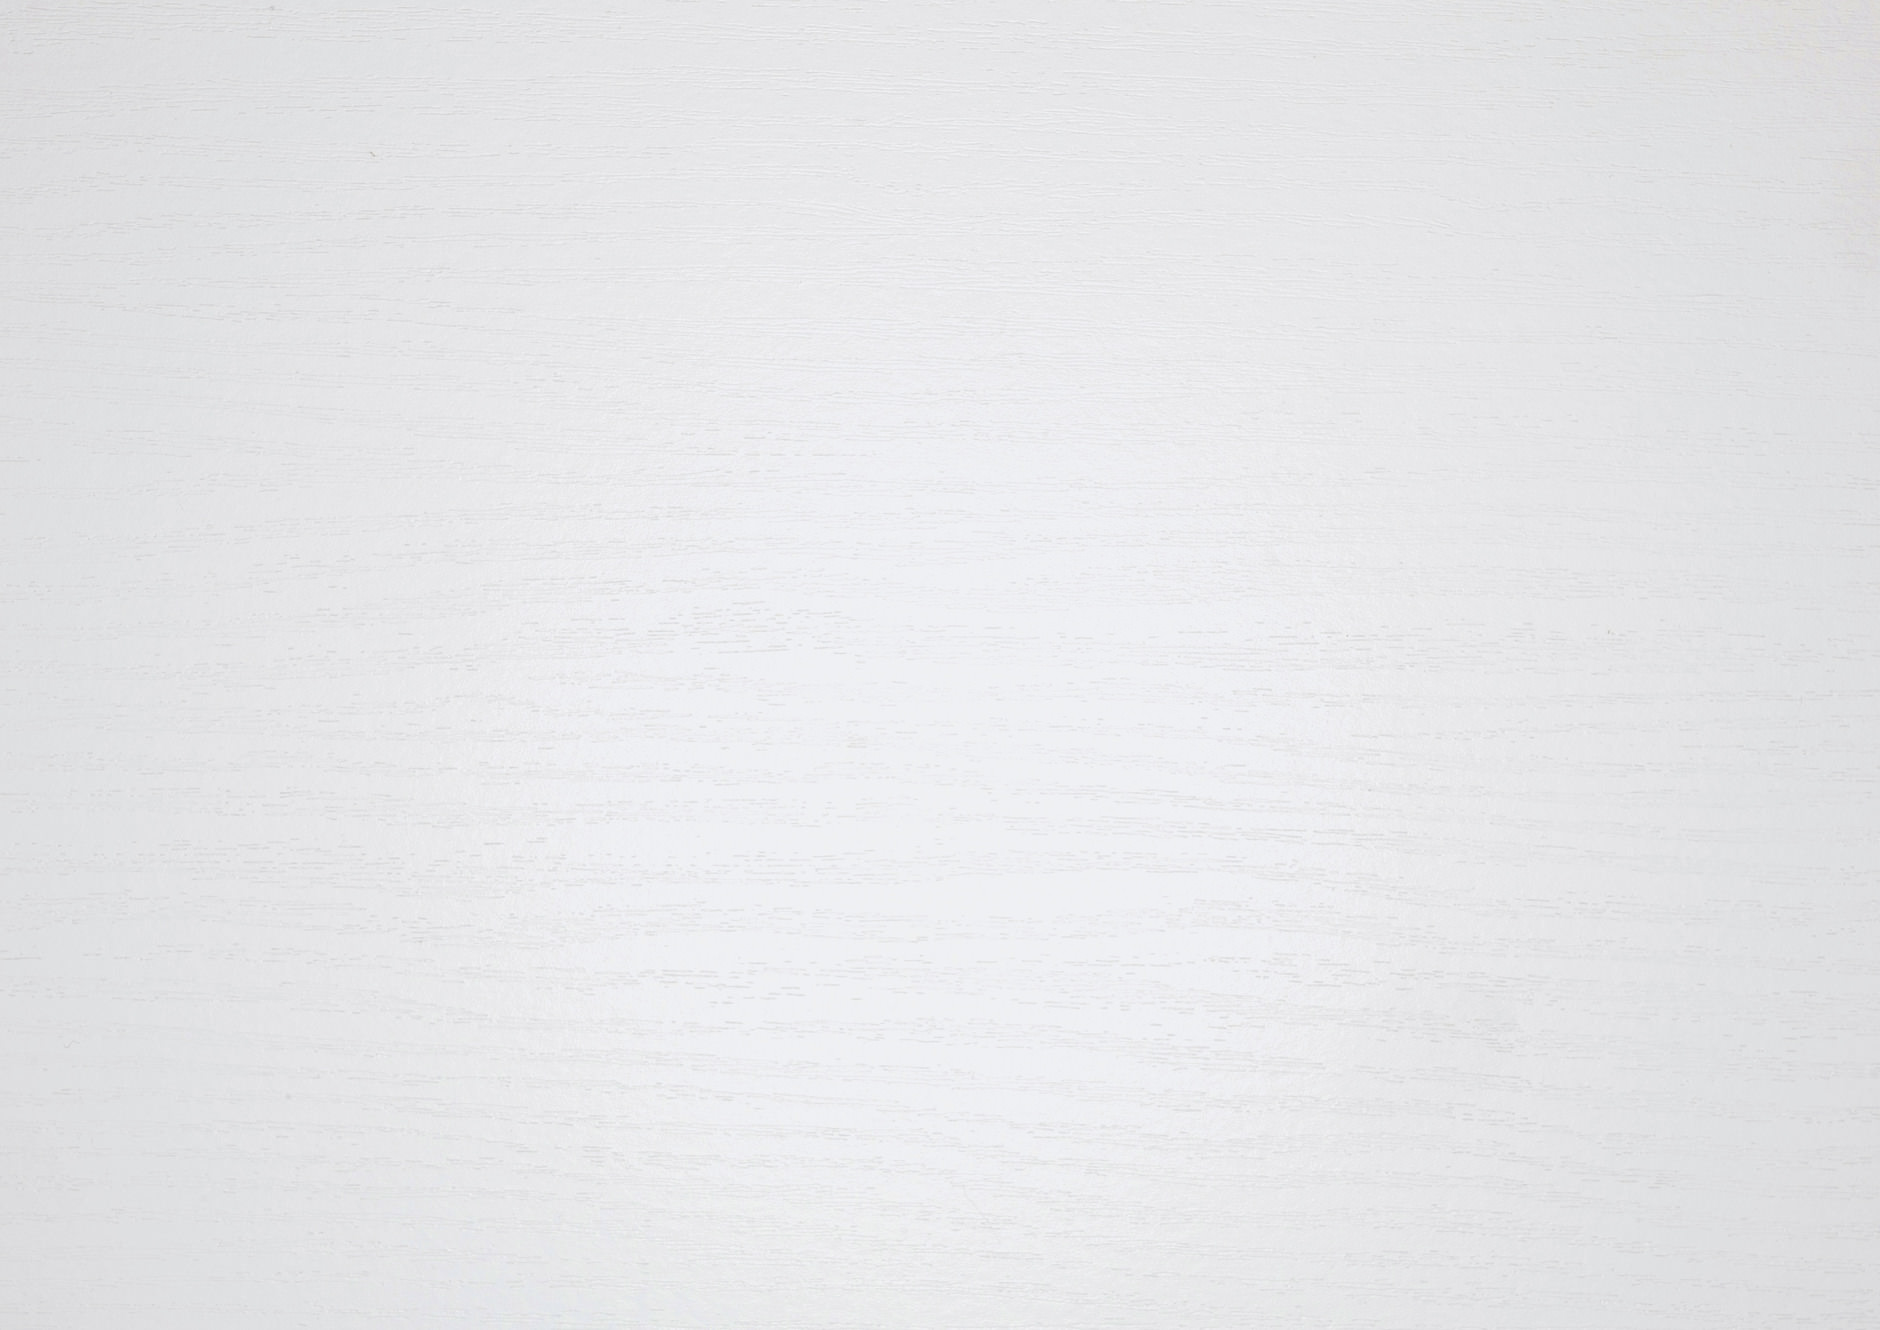 Esche alpinweiß